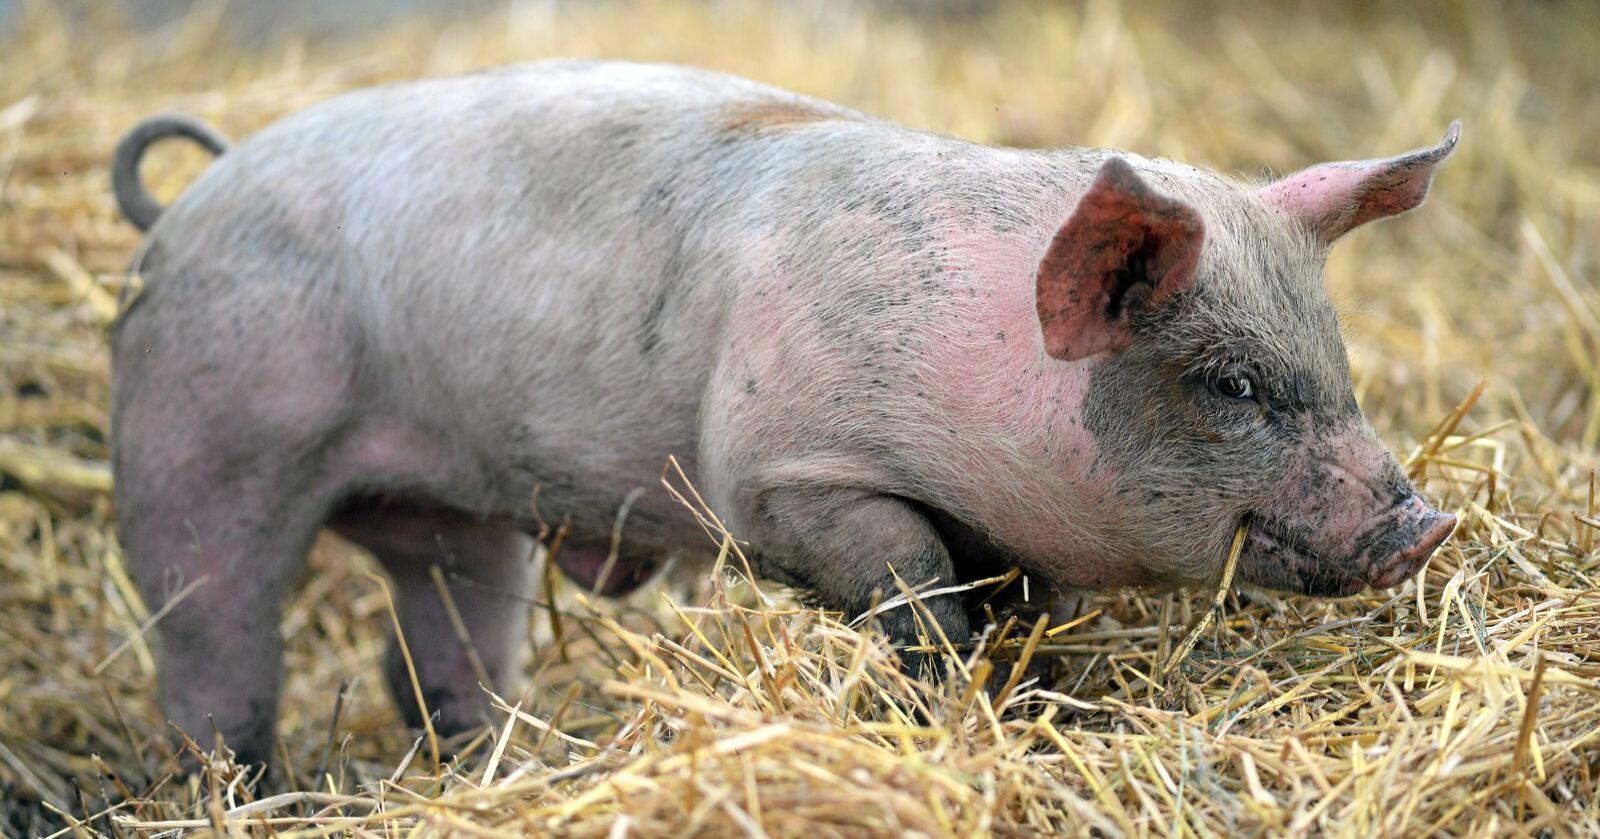 Overskriften lyver: Grisen lever slett ikke lenge. Når de fødes, veier en grisunge bare en tredel av et menneskebarn. Etter seksten uker veier en baby ca. sju kilo, mens grisen på samme tid kan slå i bordet med rundt 70 kilo. Etter seks måneder bærer det til slakteriet. Foto: Per A. Borglund